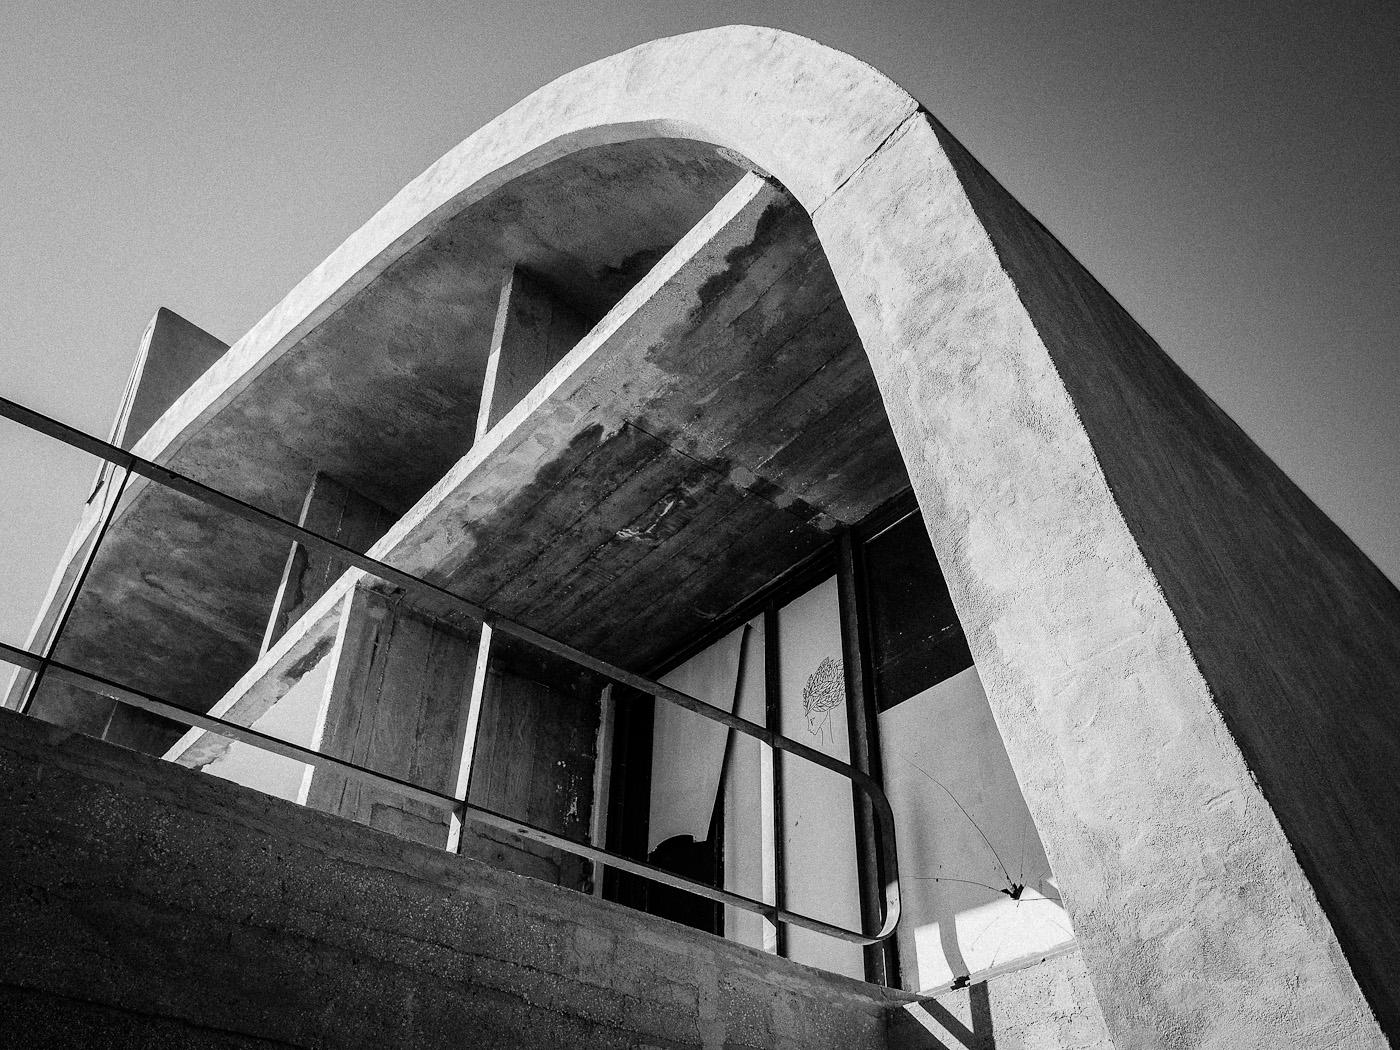 Gymnasium on the roof of La Cité Radieuse, Le Corbusier, Marseilles. Olympus OM-D E-M5.